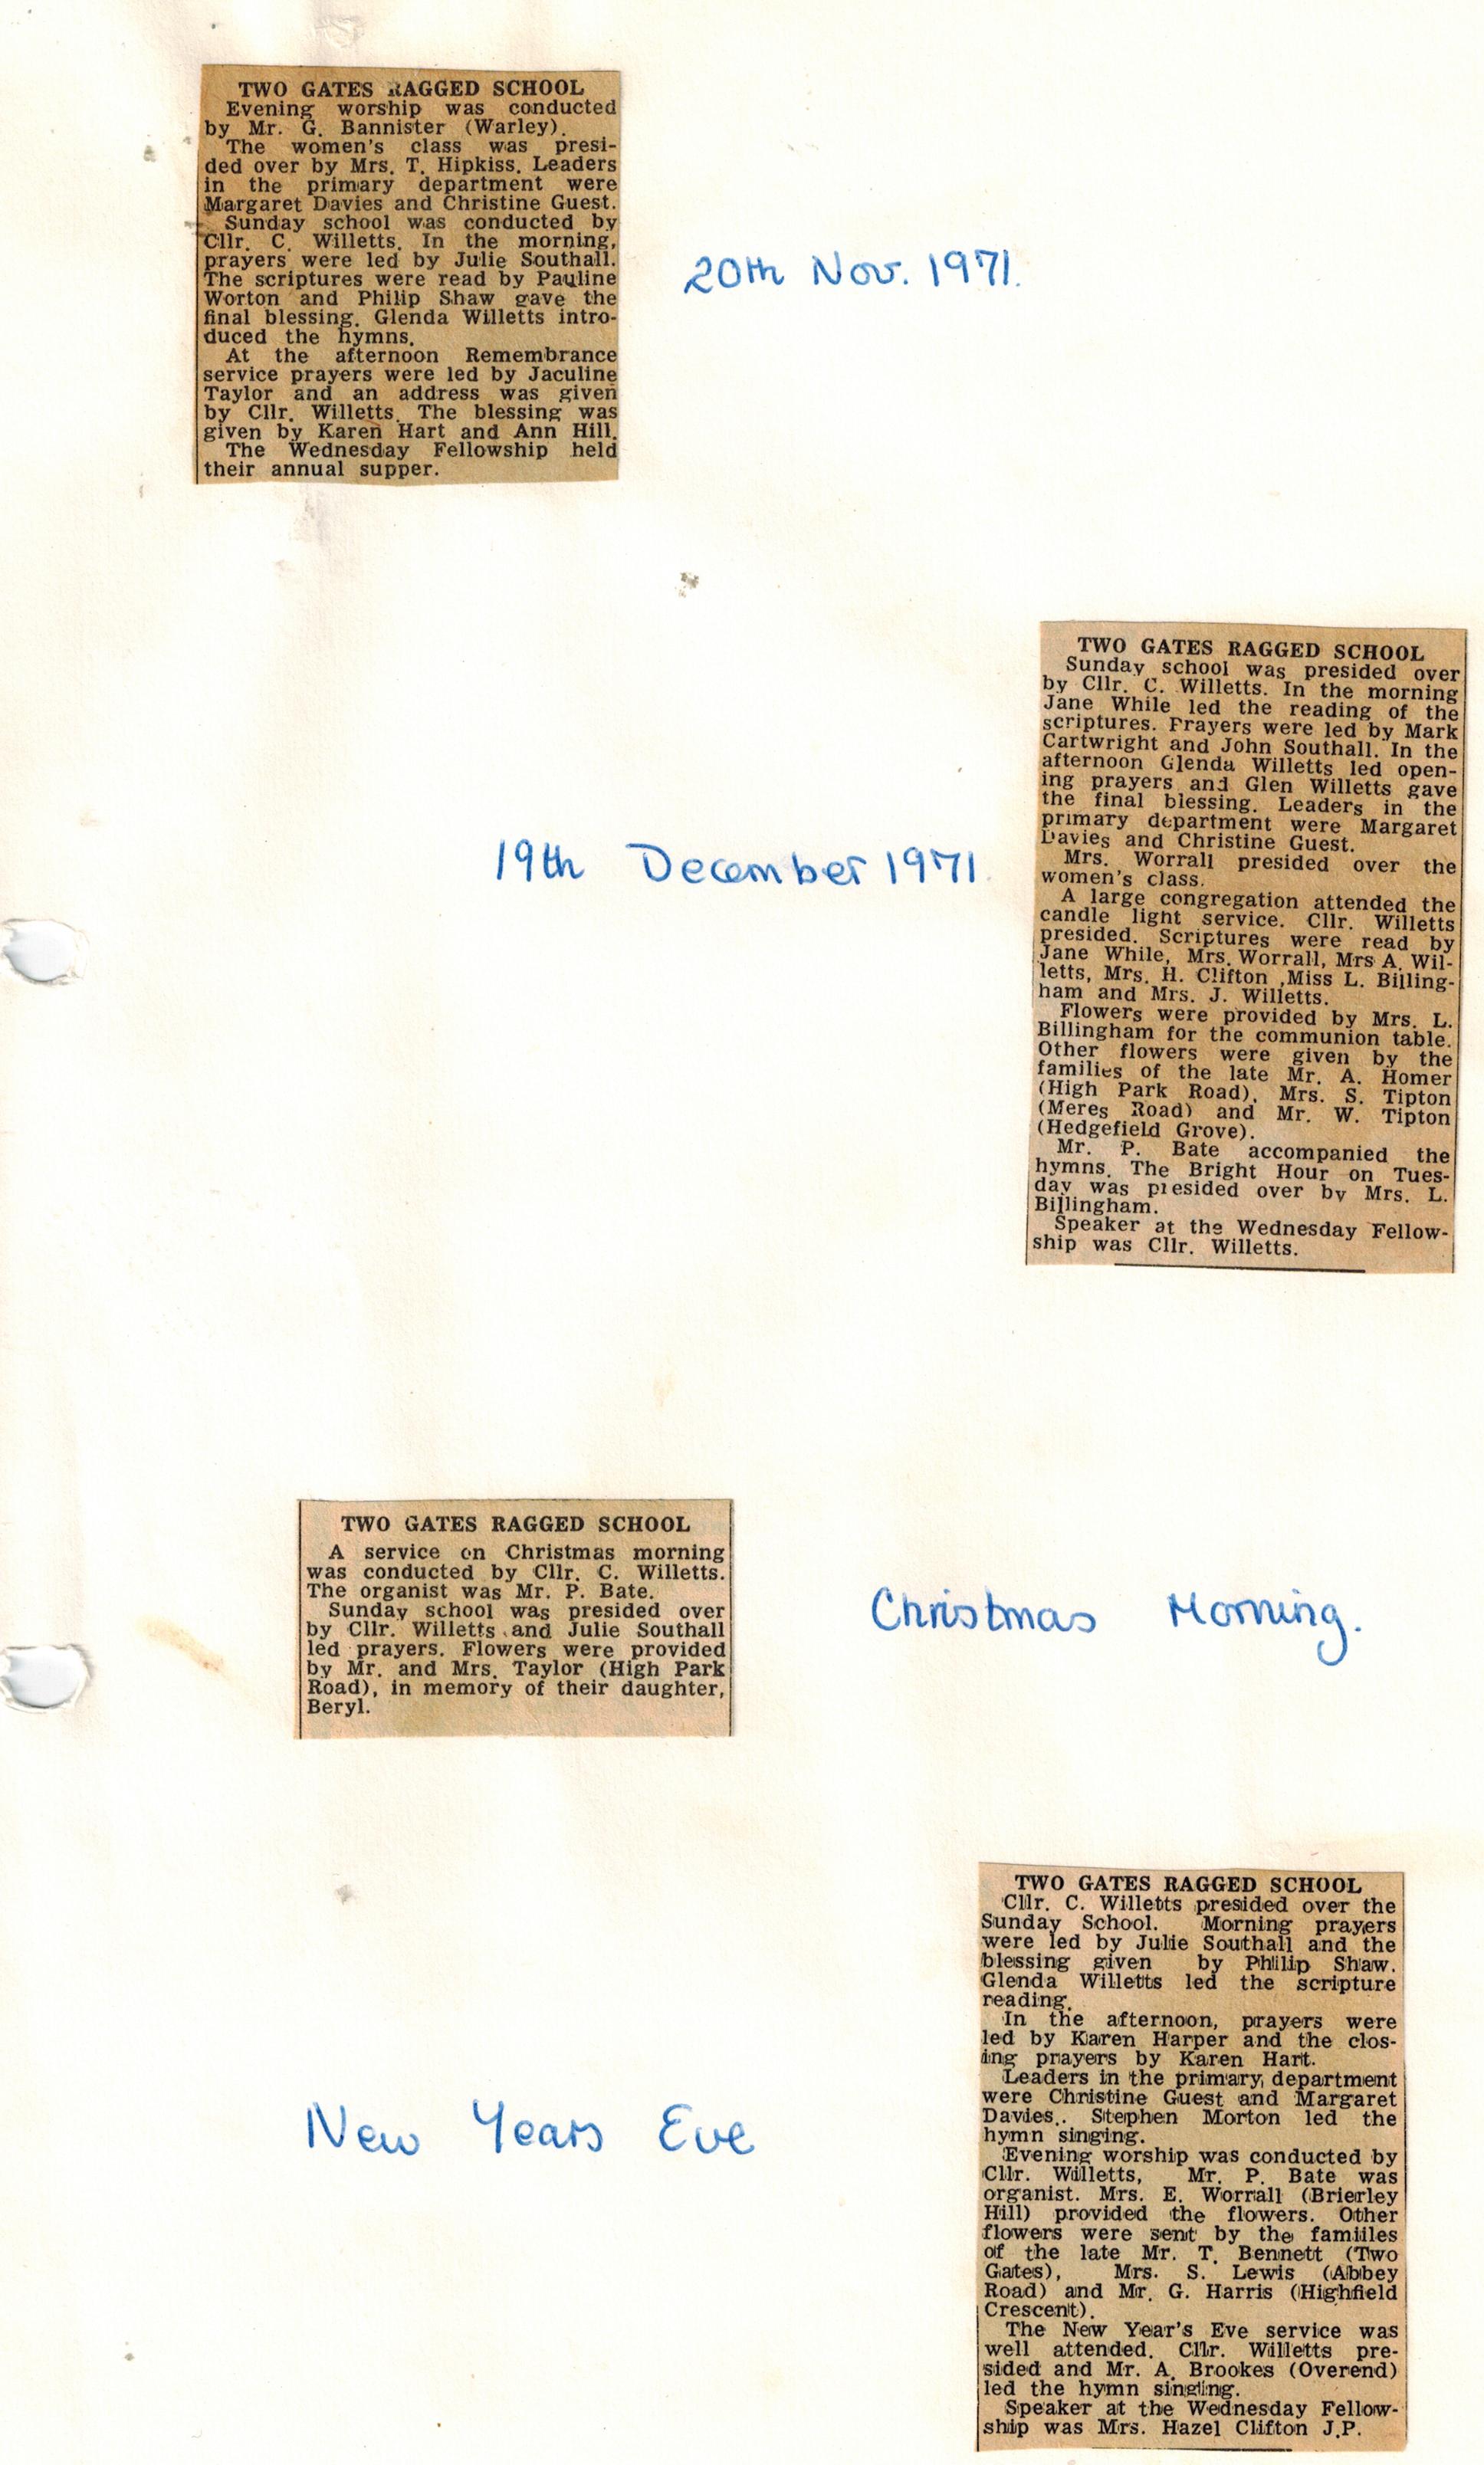 O061_PRESS-Cuttings_Nov-Dec-1971]